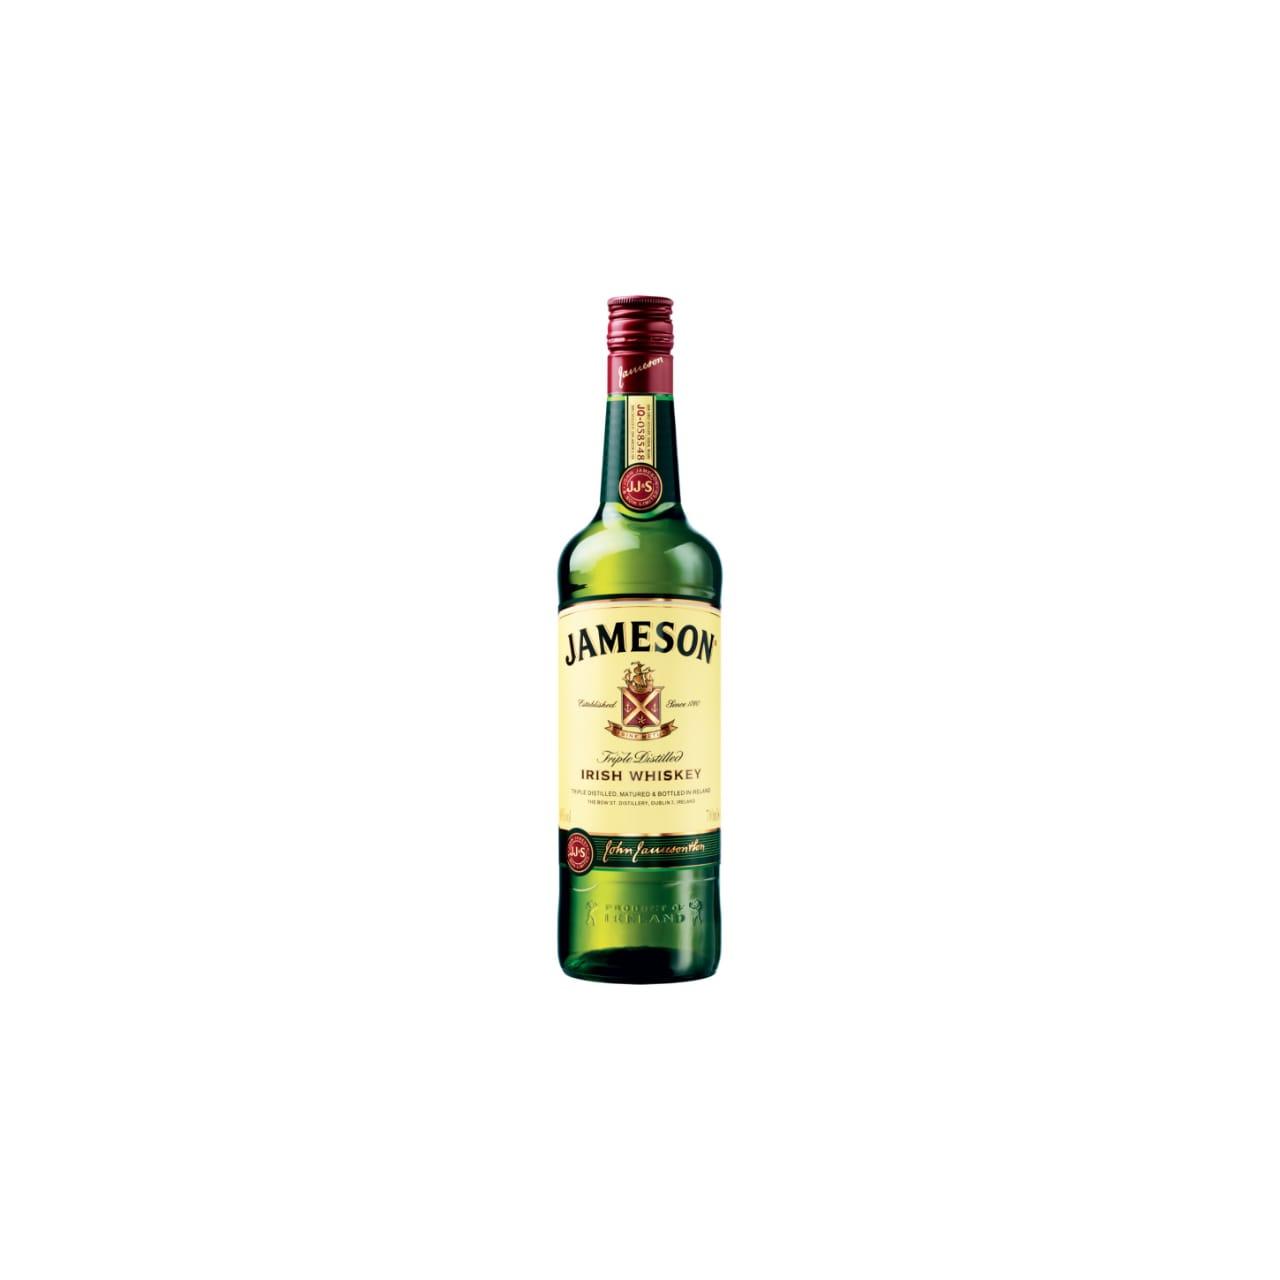 Jameson 375 ml